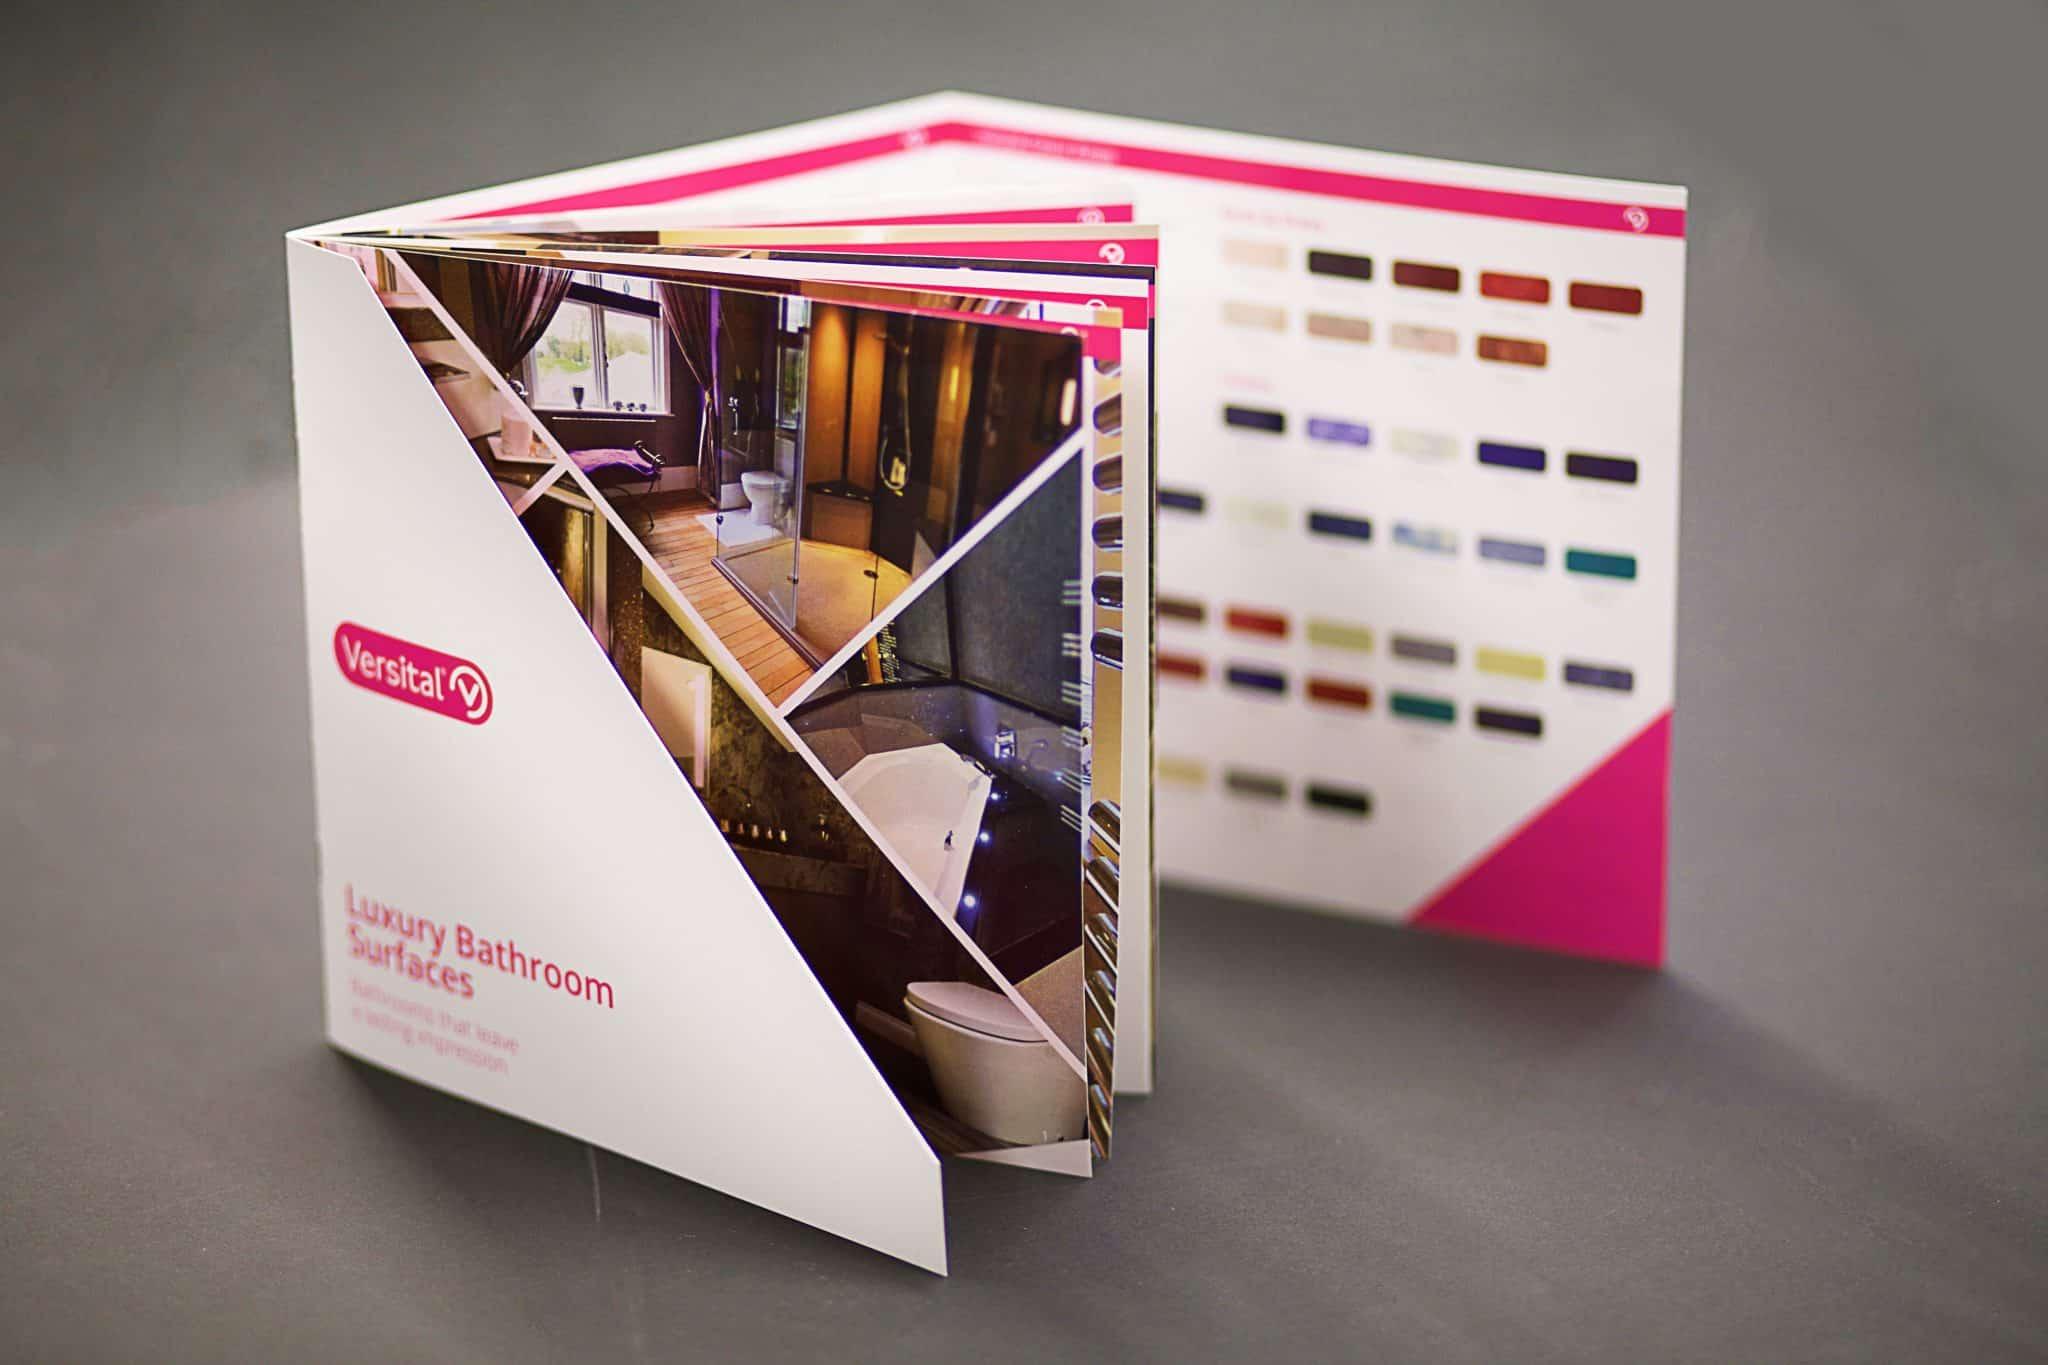 Versital Brochure by Paperhat